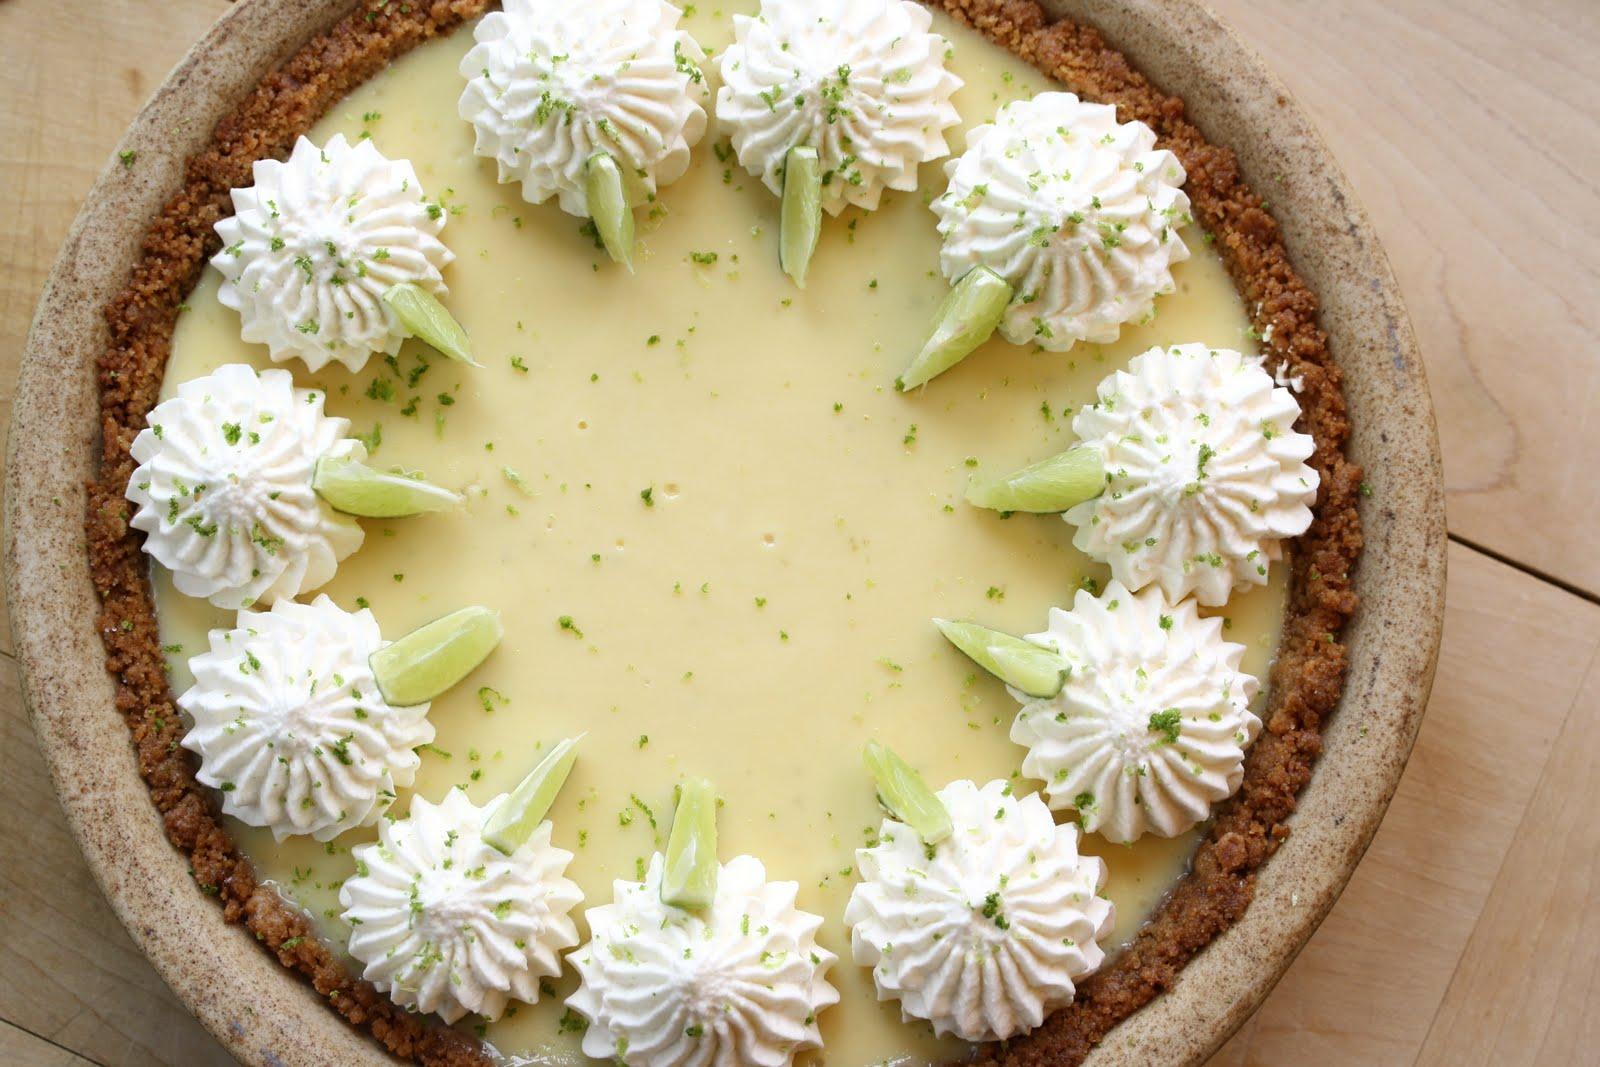 No. 31 - Key Lime Pie - Saving Room for Dessert